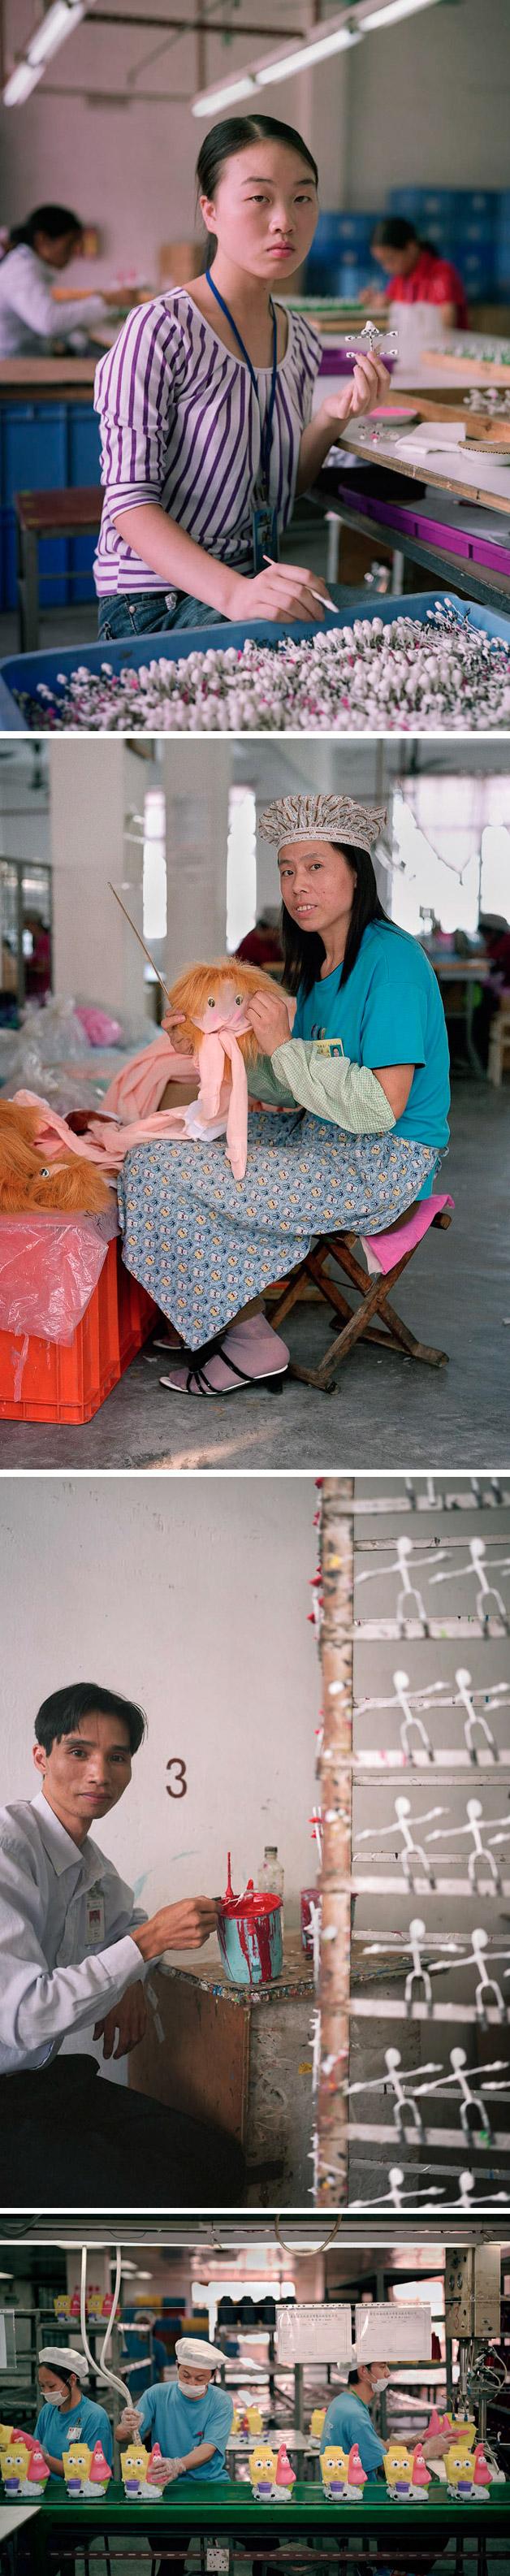 Fotógrafo registra quem está por trás dos incriveis produtos Made in China3